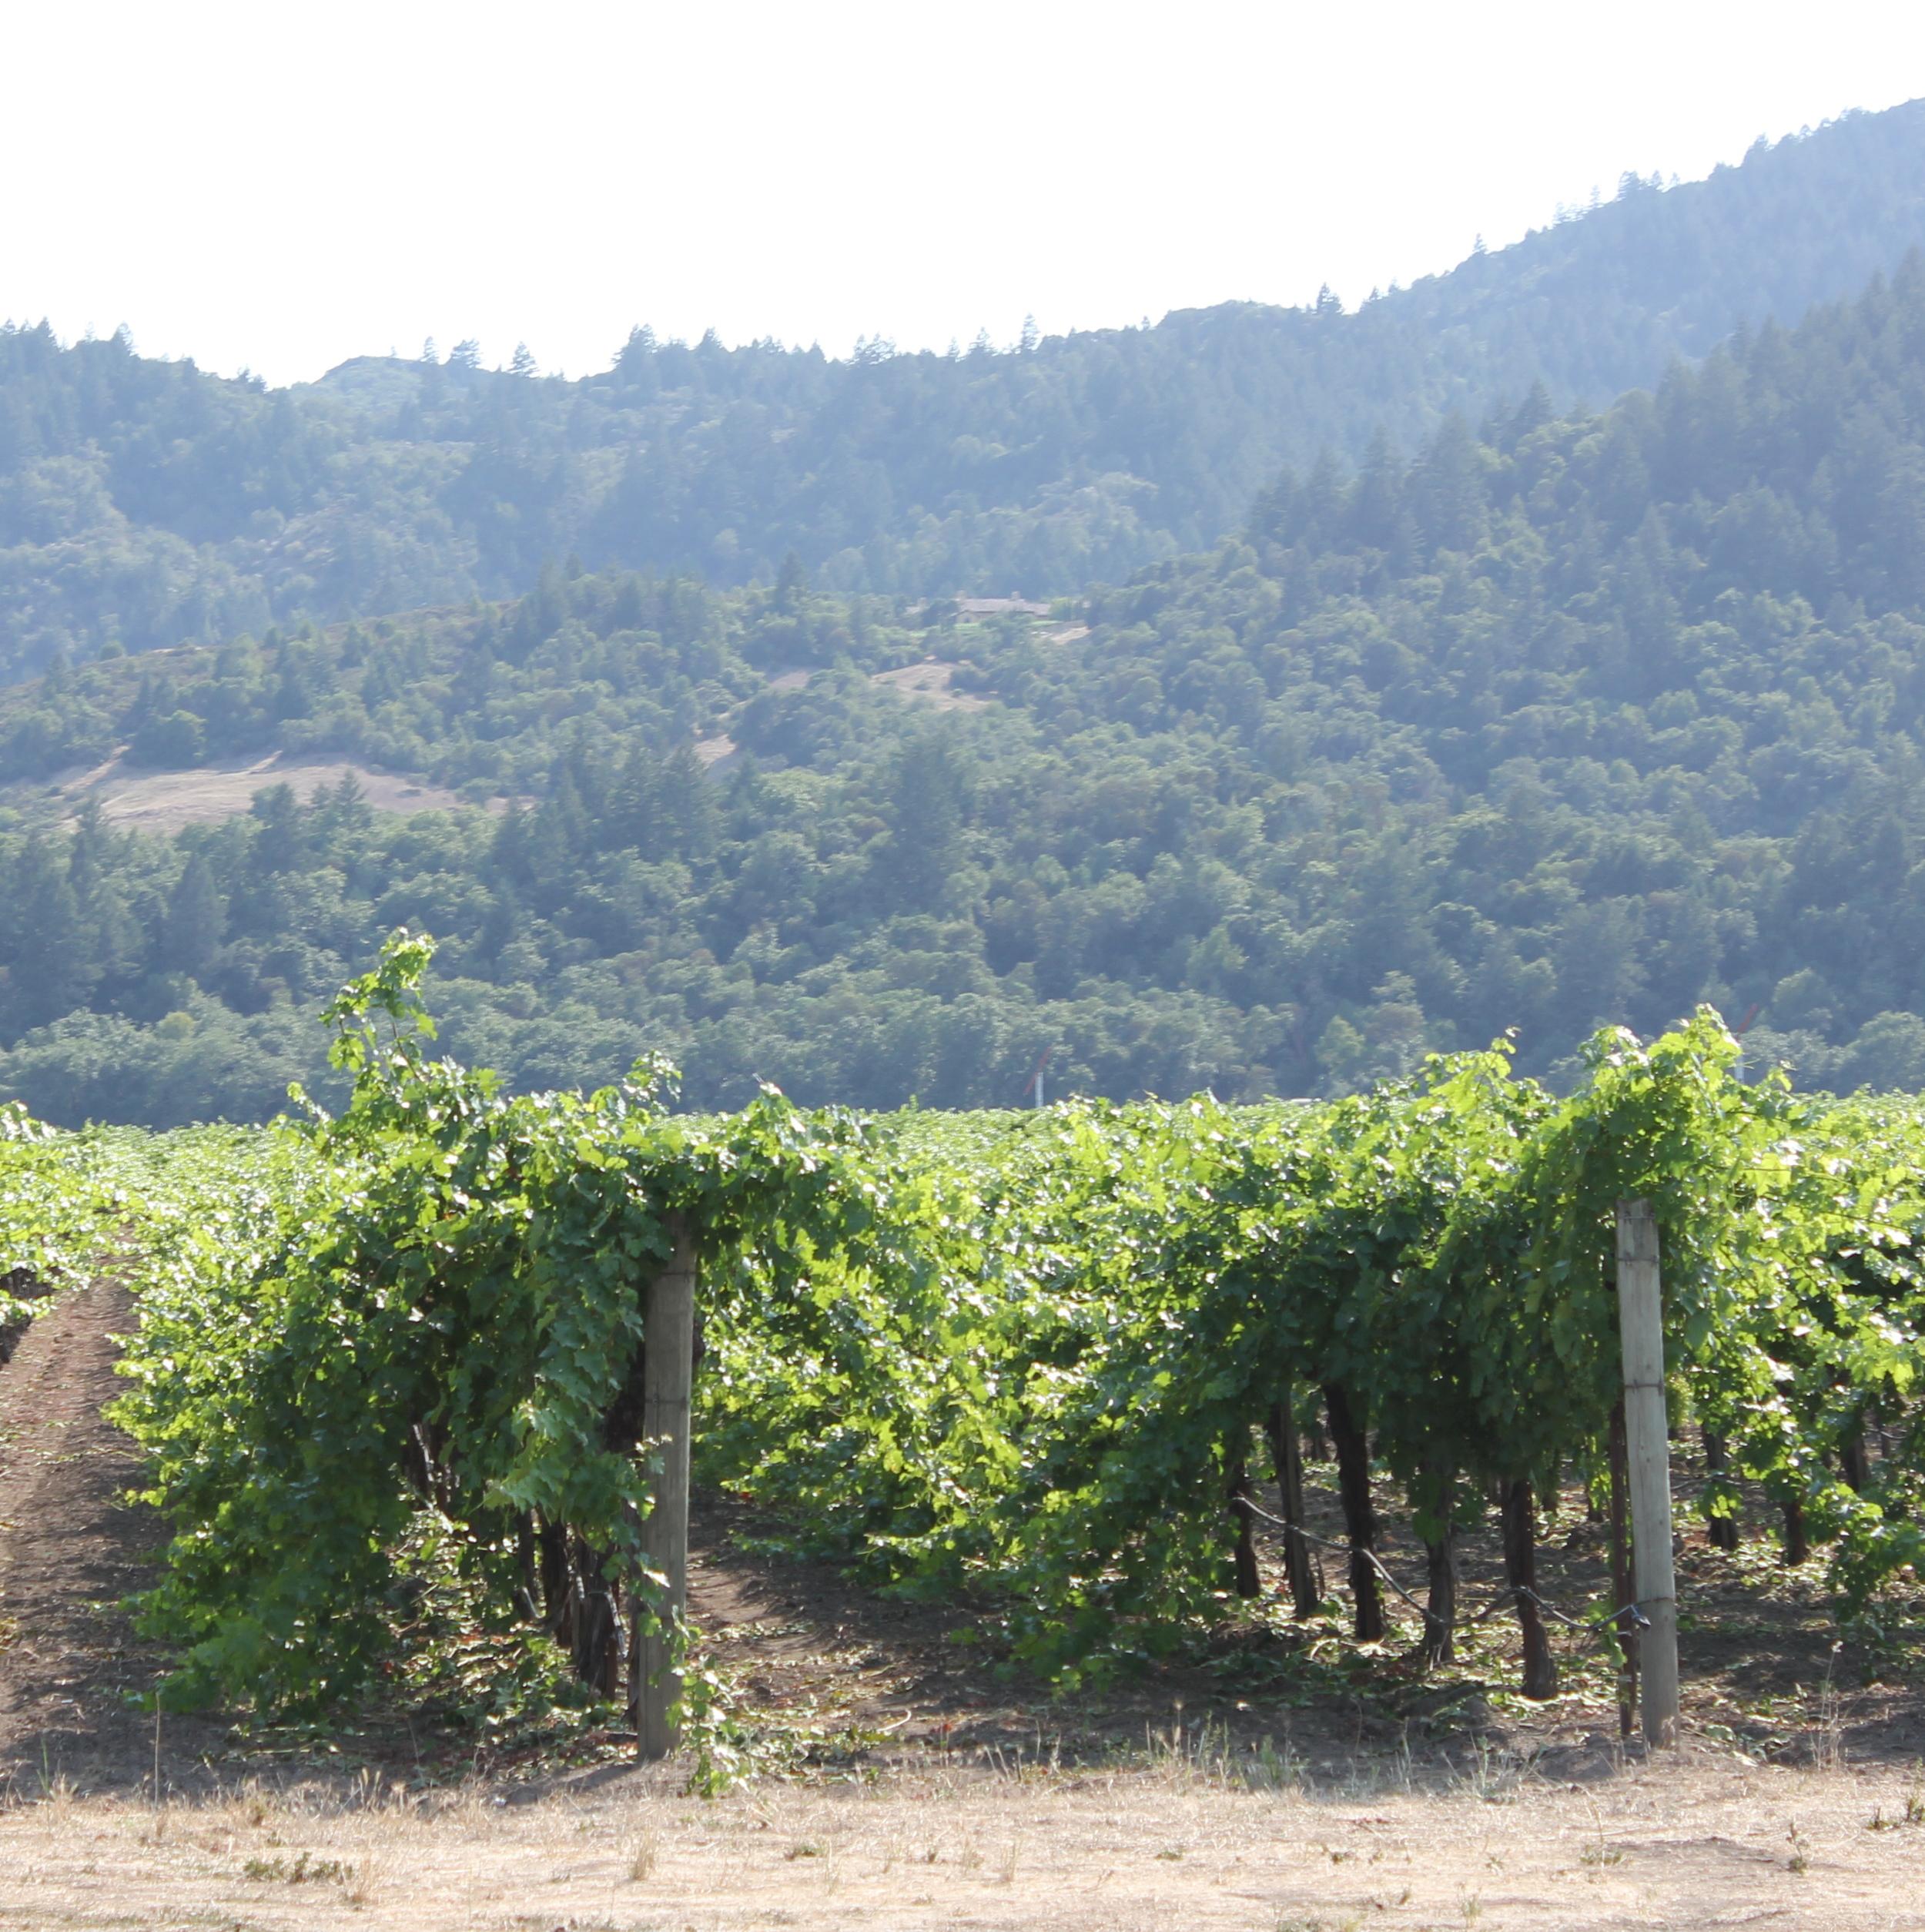 Happy vines along 29 highway